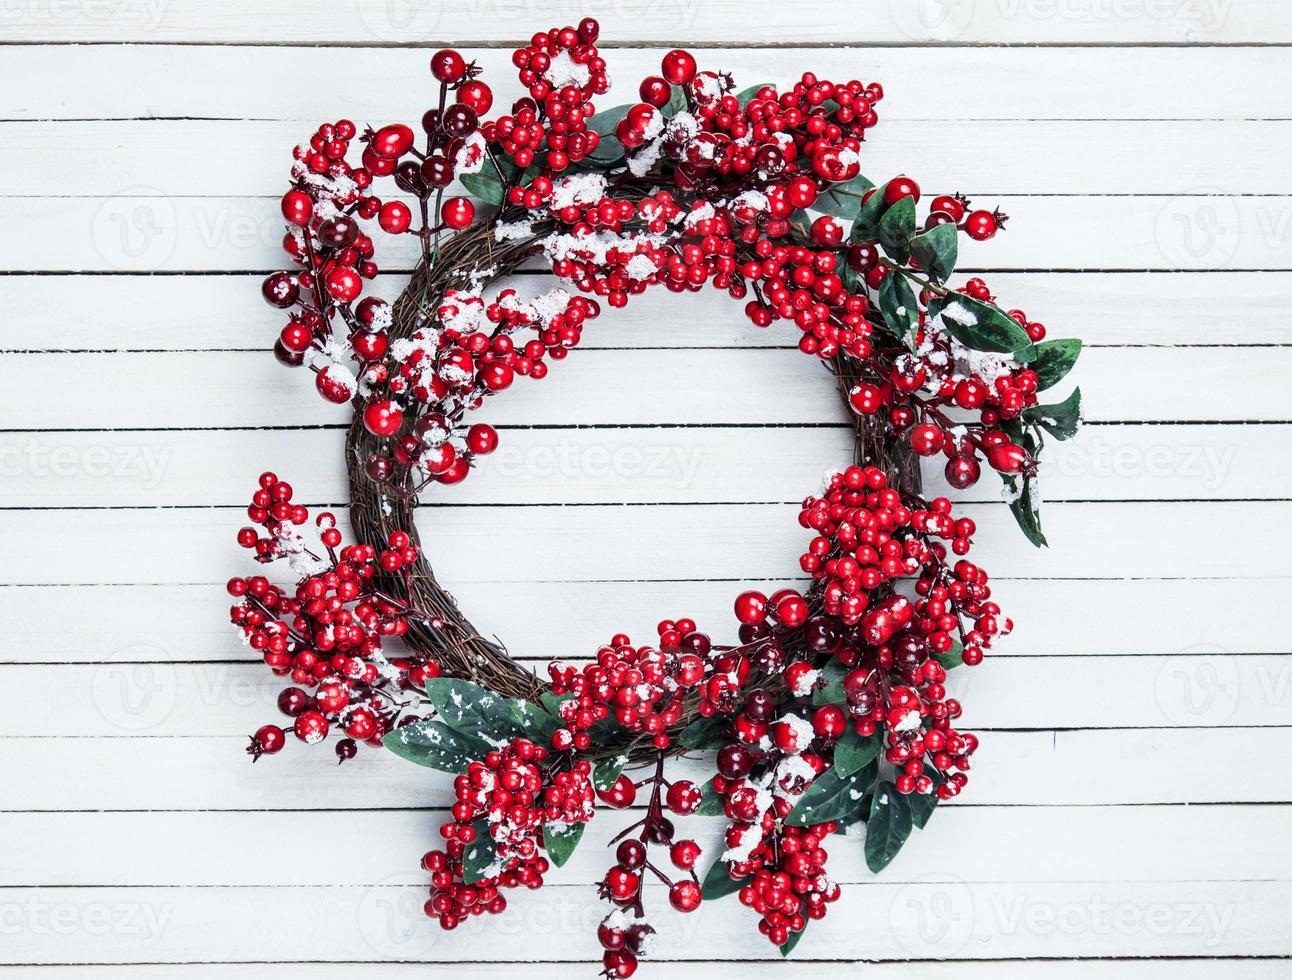 ghirlanda di Natale su uno sfondo di legno foto